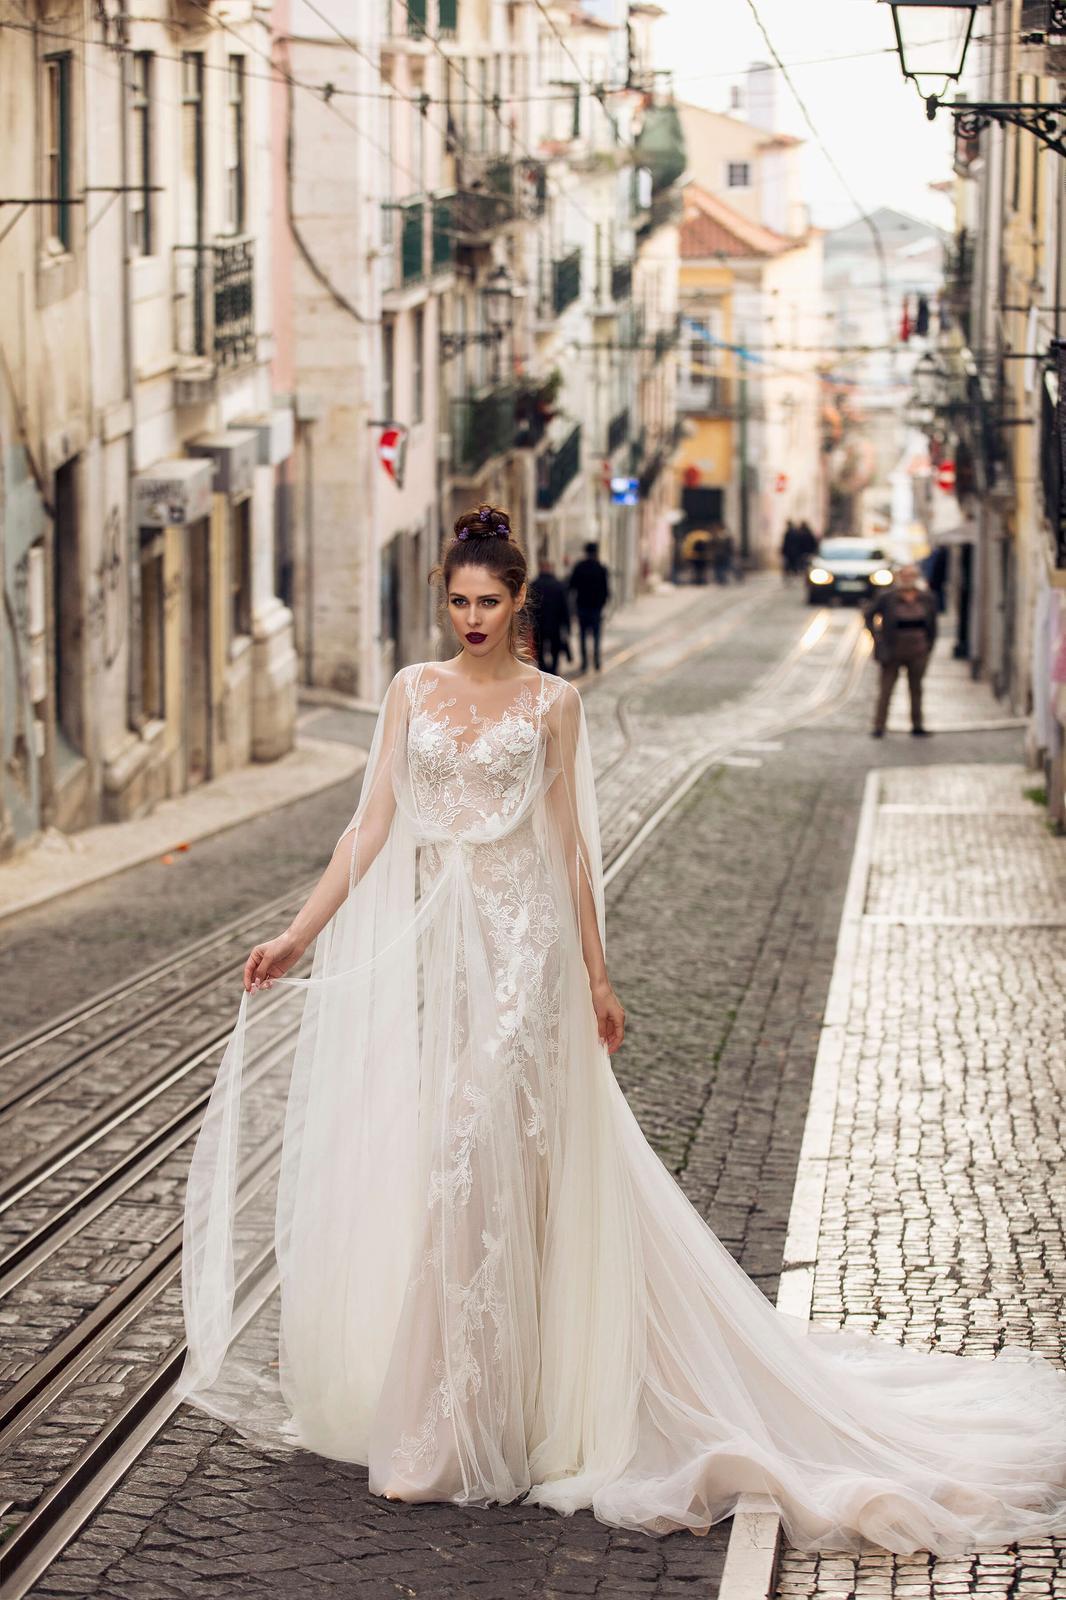 Innocentia Divina 2019 * Svadobné šaty z kolekcií na rok 2019 - Obrázok č. 53